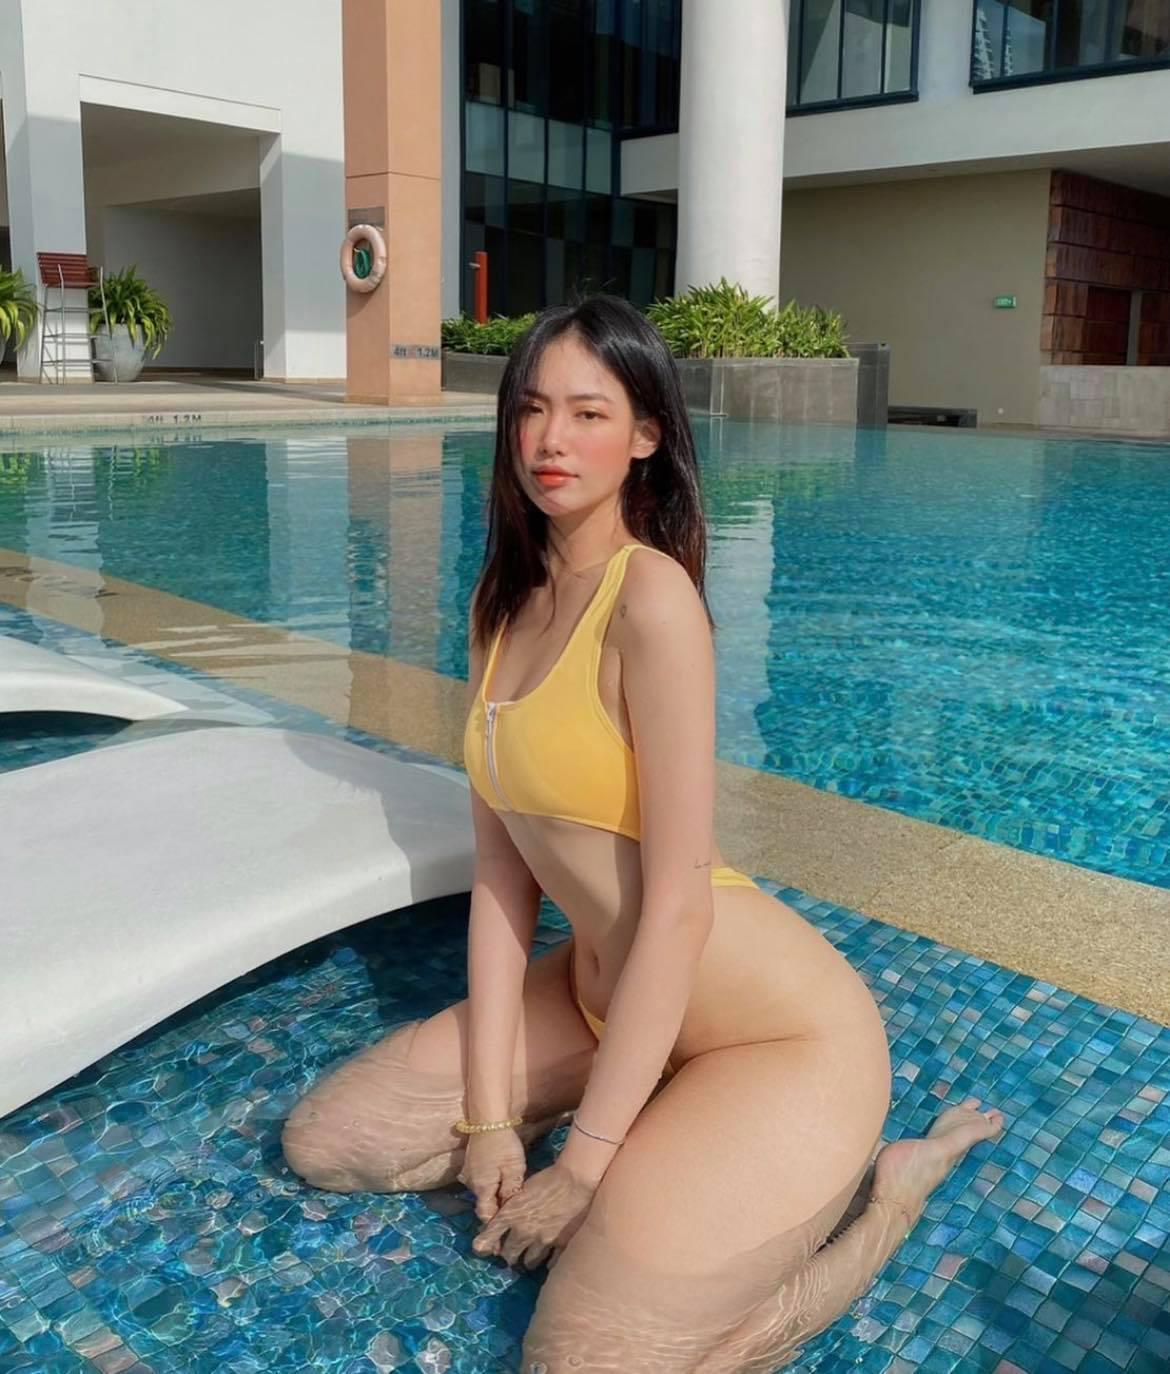 Hot girl phòng gym Nha Trang sở hữu vòng 3 tròn trịa đẹp mắt nhờ đâu? - hình ảnh 2